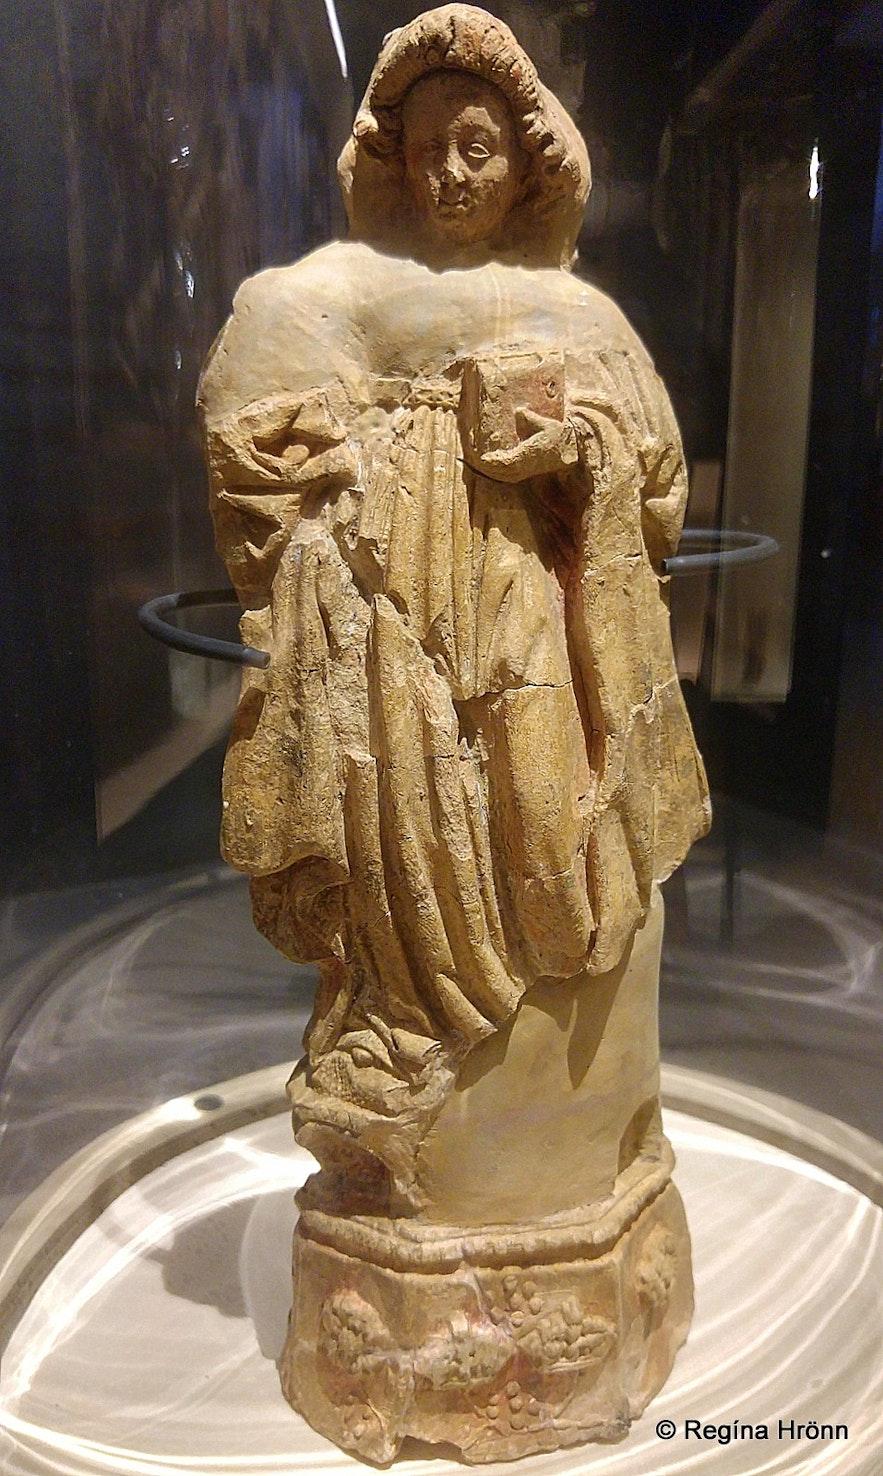 A figure of St. Barbara found at Skriðuklaustur